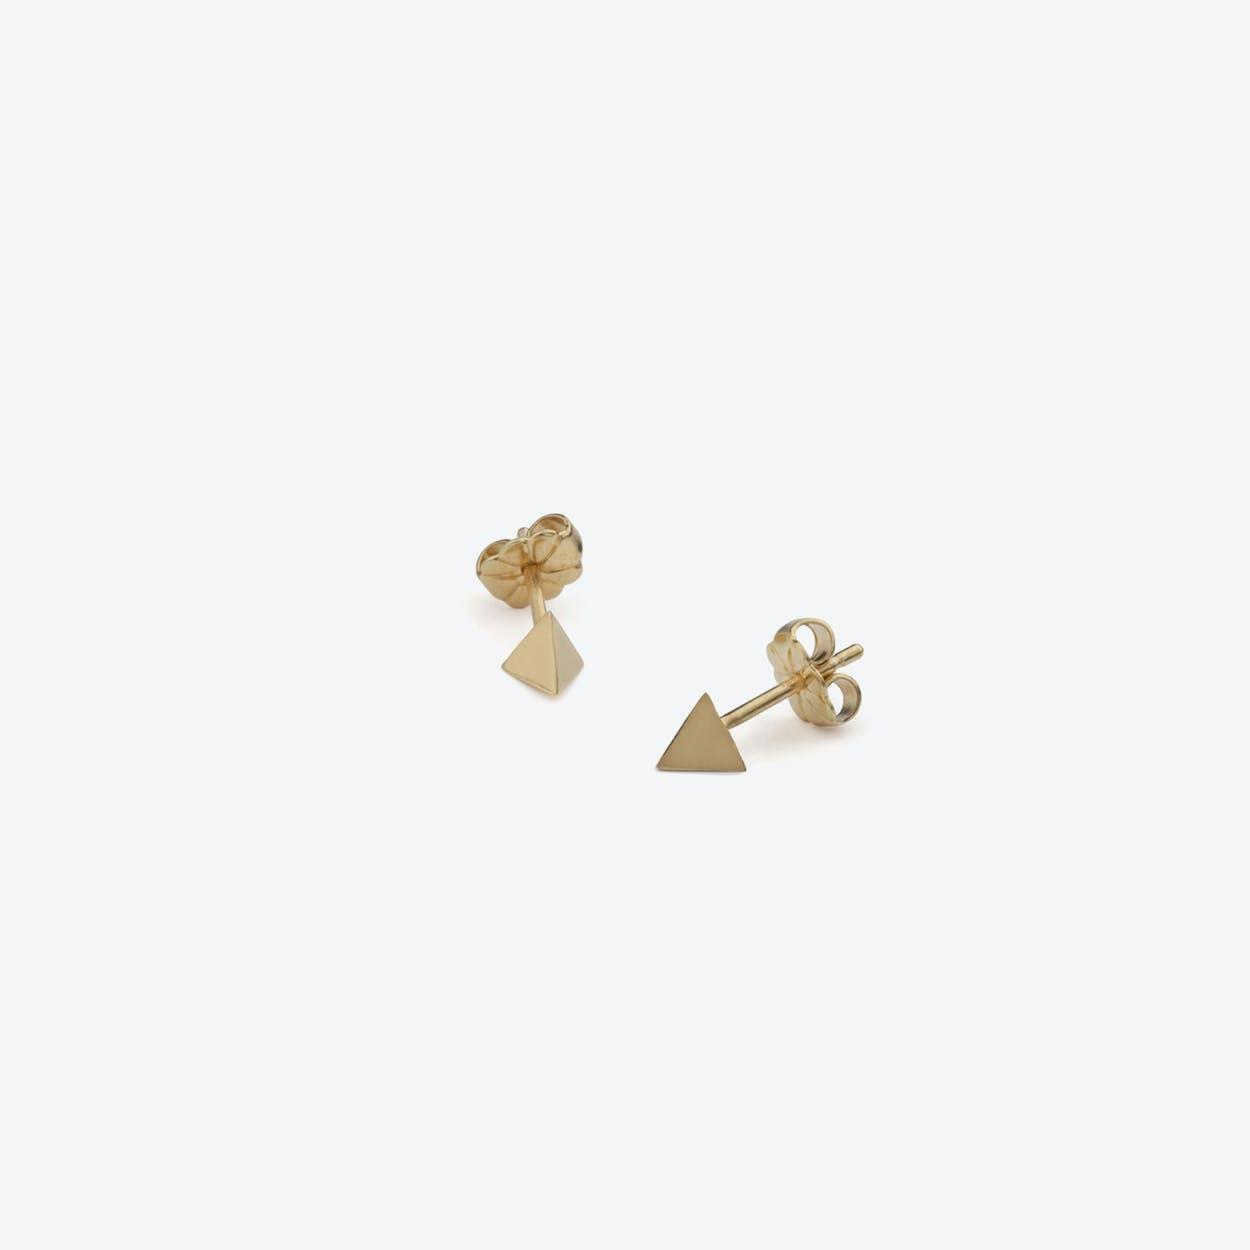 Tetrahedron Stud Earrings in Gold